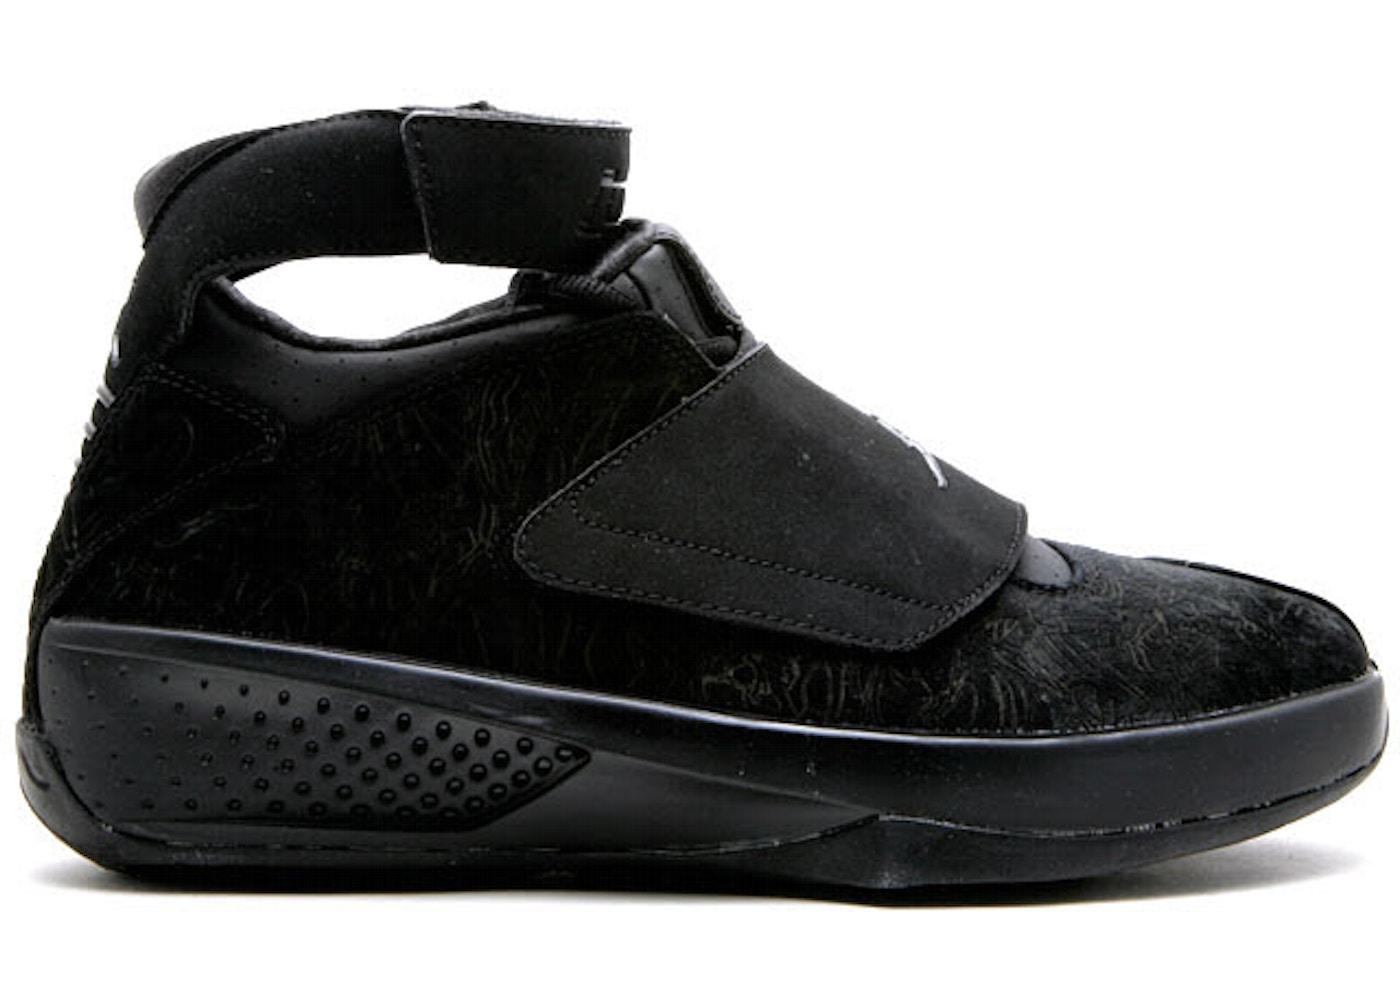 190fab29f1af Jordan 20 Retro Black CDP (2008) - 340252-001